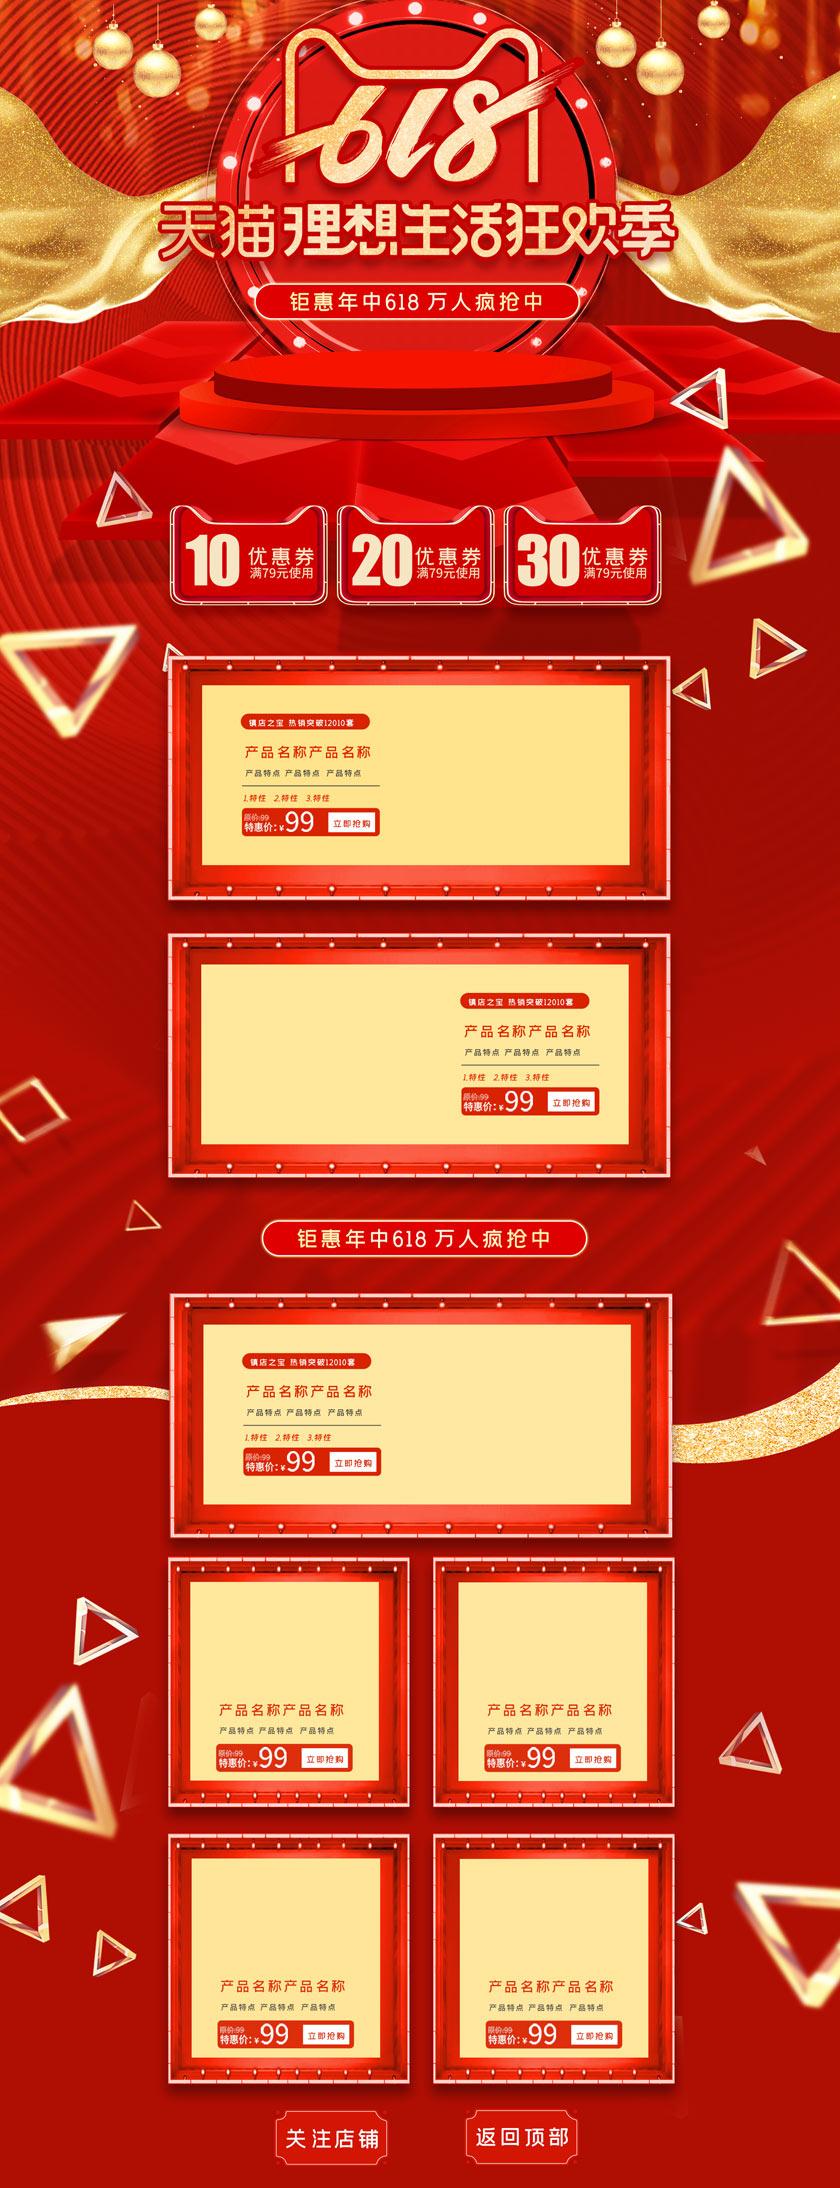 淘宝618红色主题首页模板PSD素材